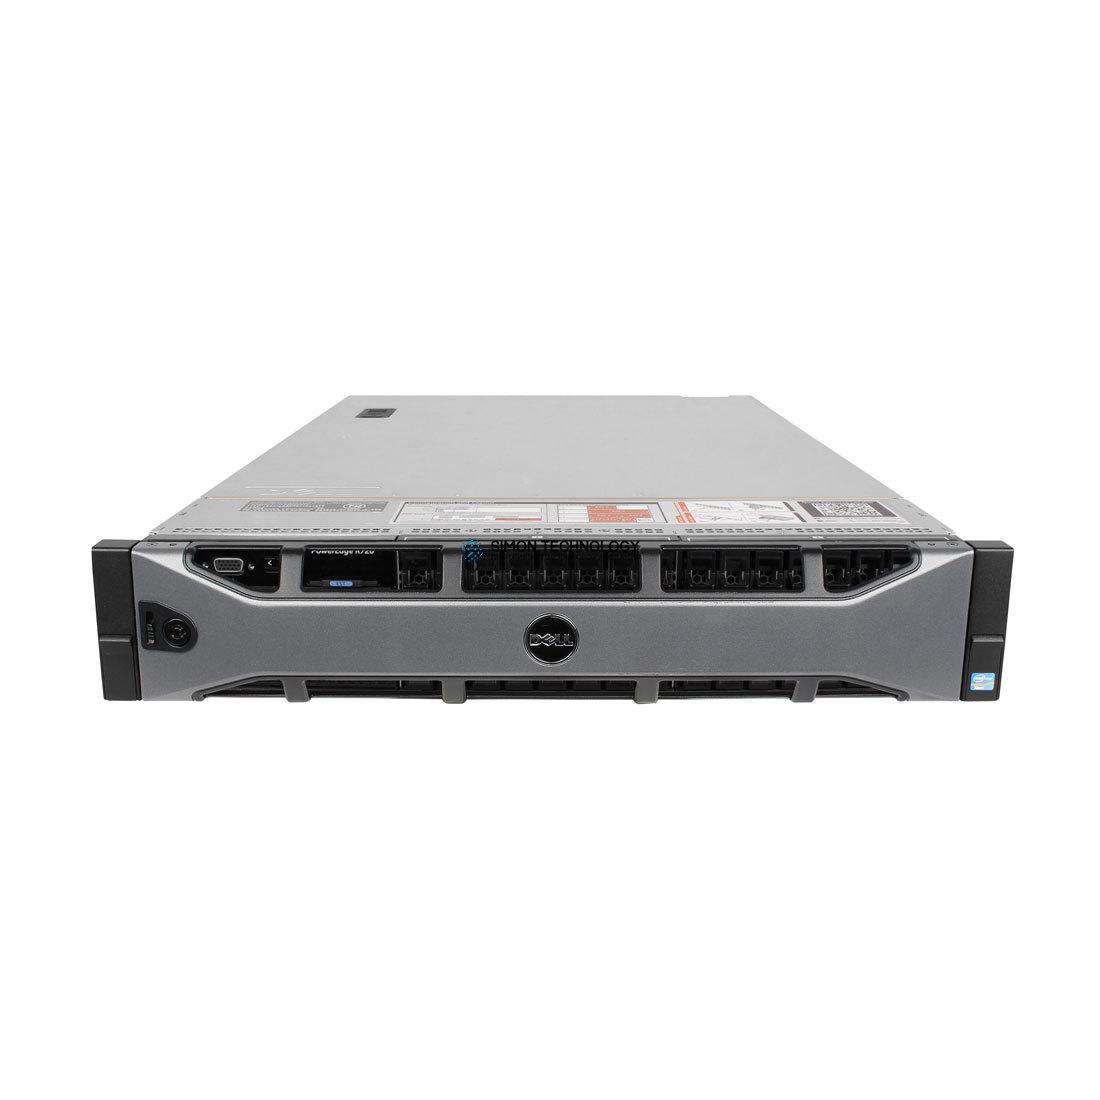 Сервер Dell PER720 V6 CTO H710 MINI 16*SFF DVD IDRAC ENT LICENCE (R720V6 ENT H710)